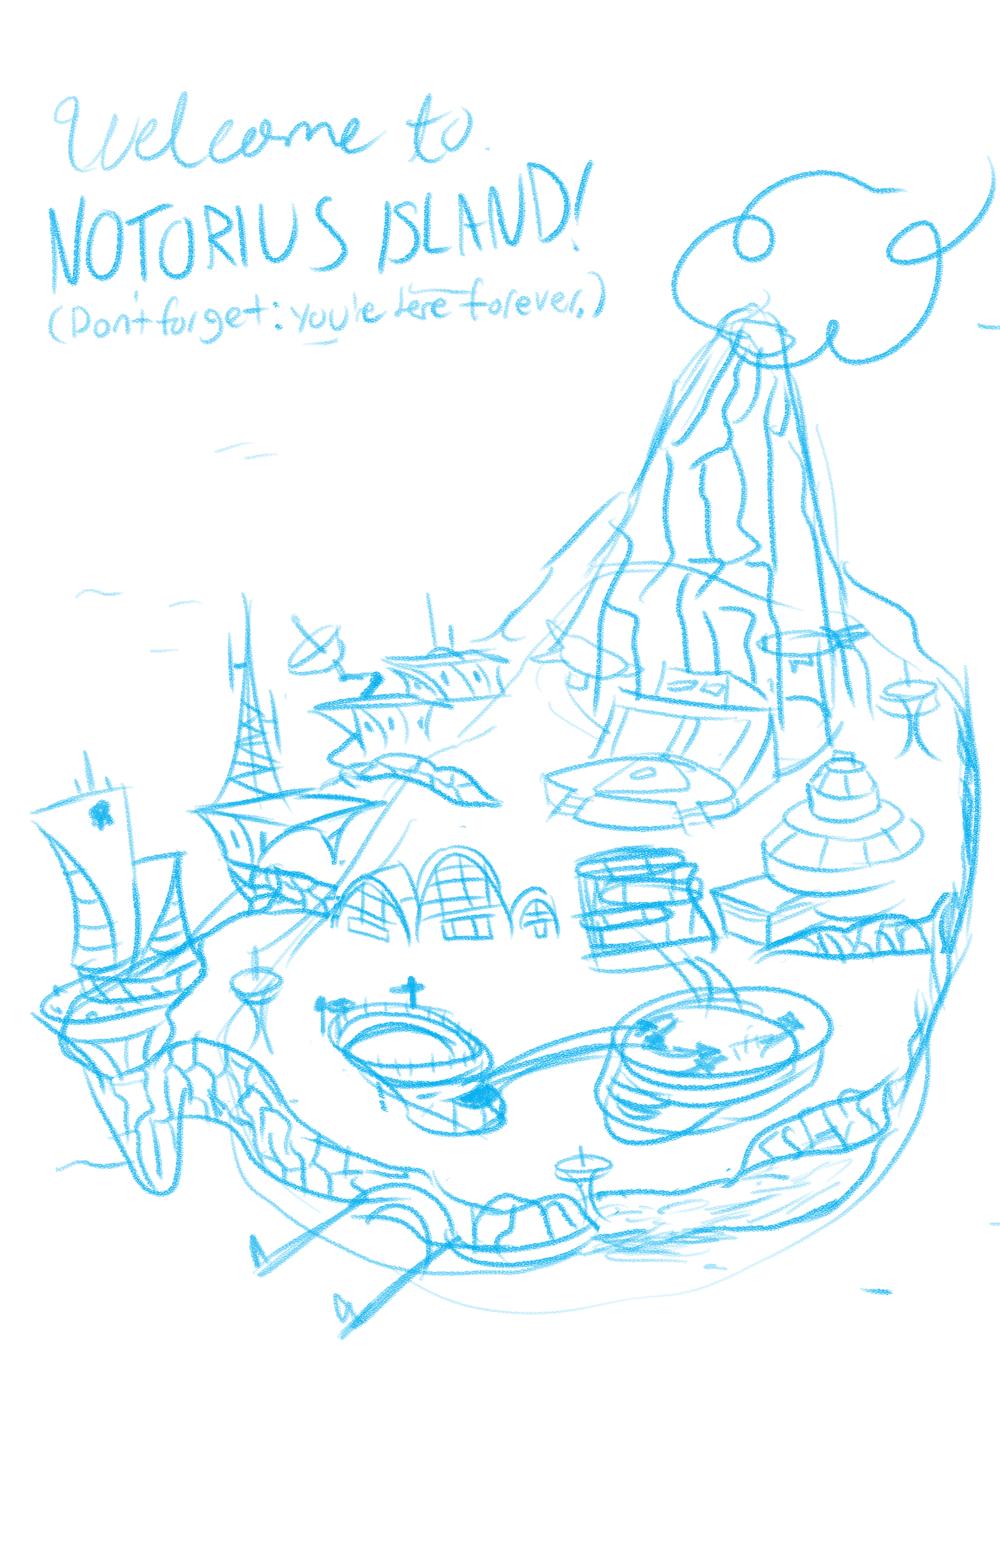 2. Rough Sketch